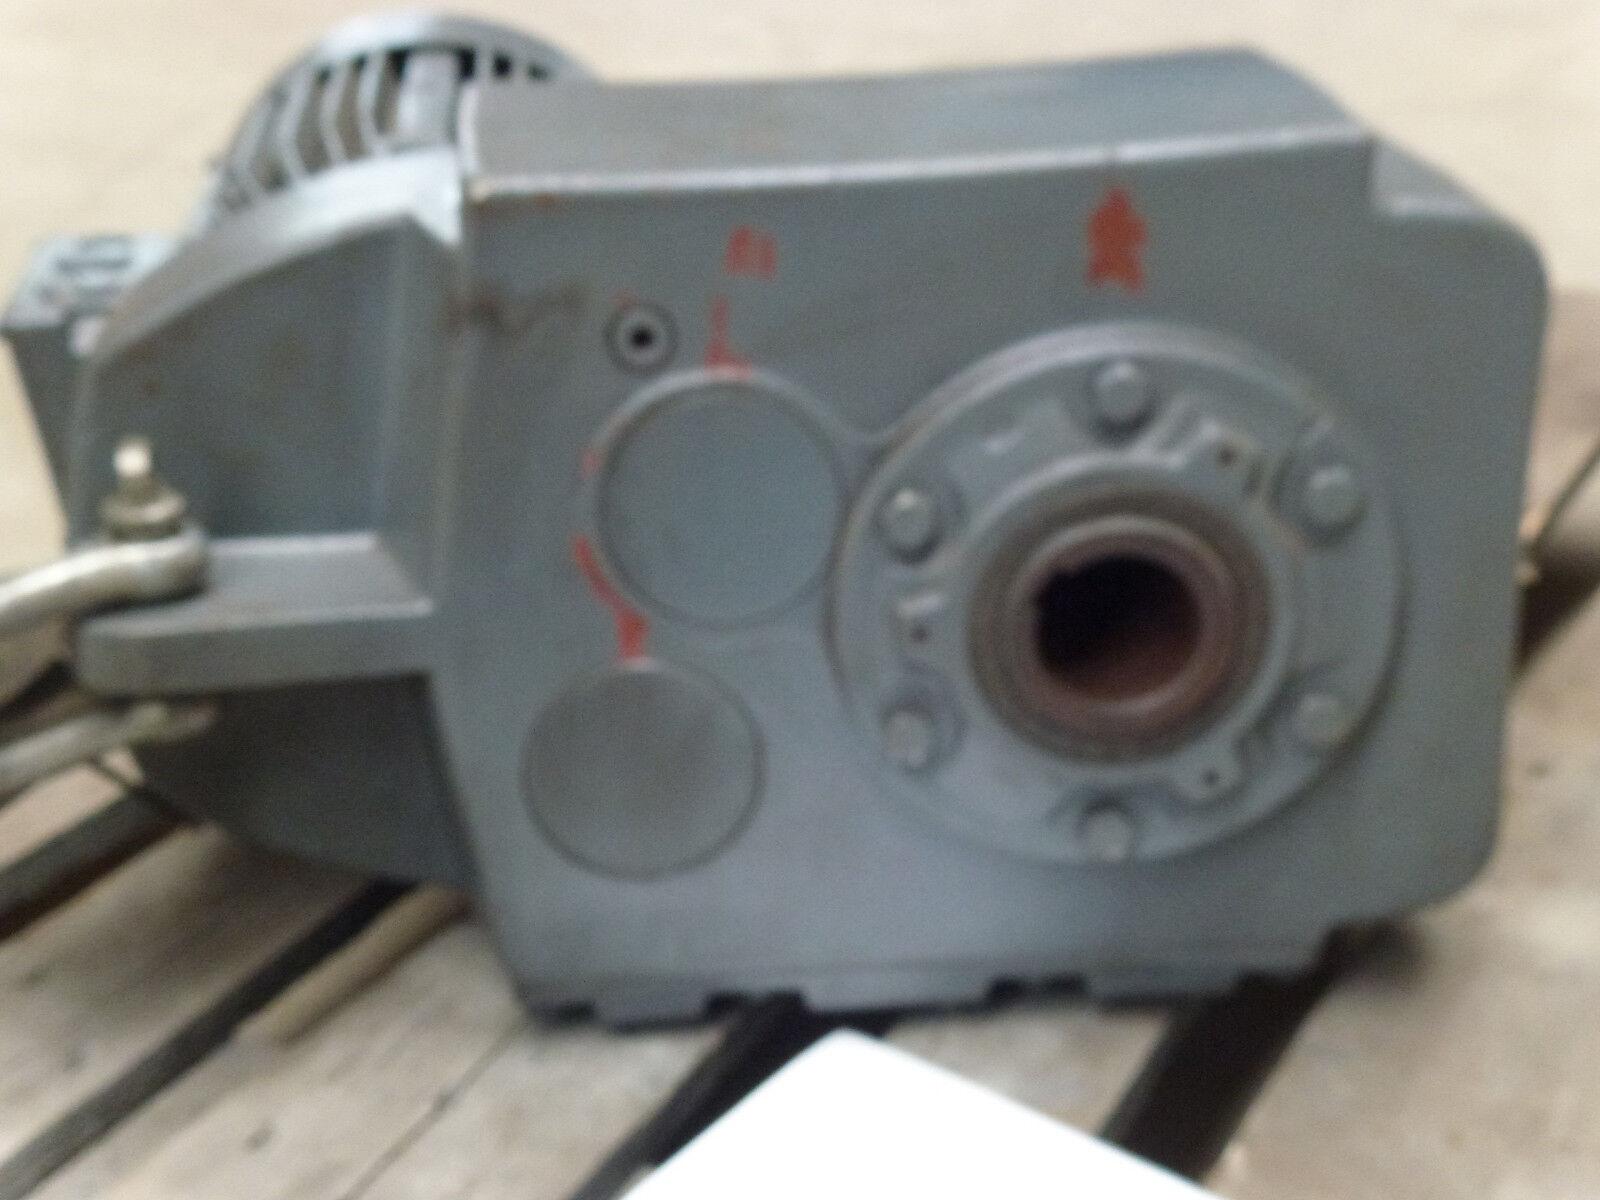 Getriebemotor flender himmel eur picclick de for Flender himmel motors usa